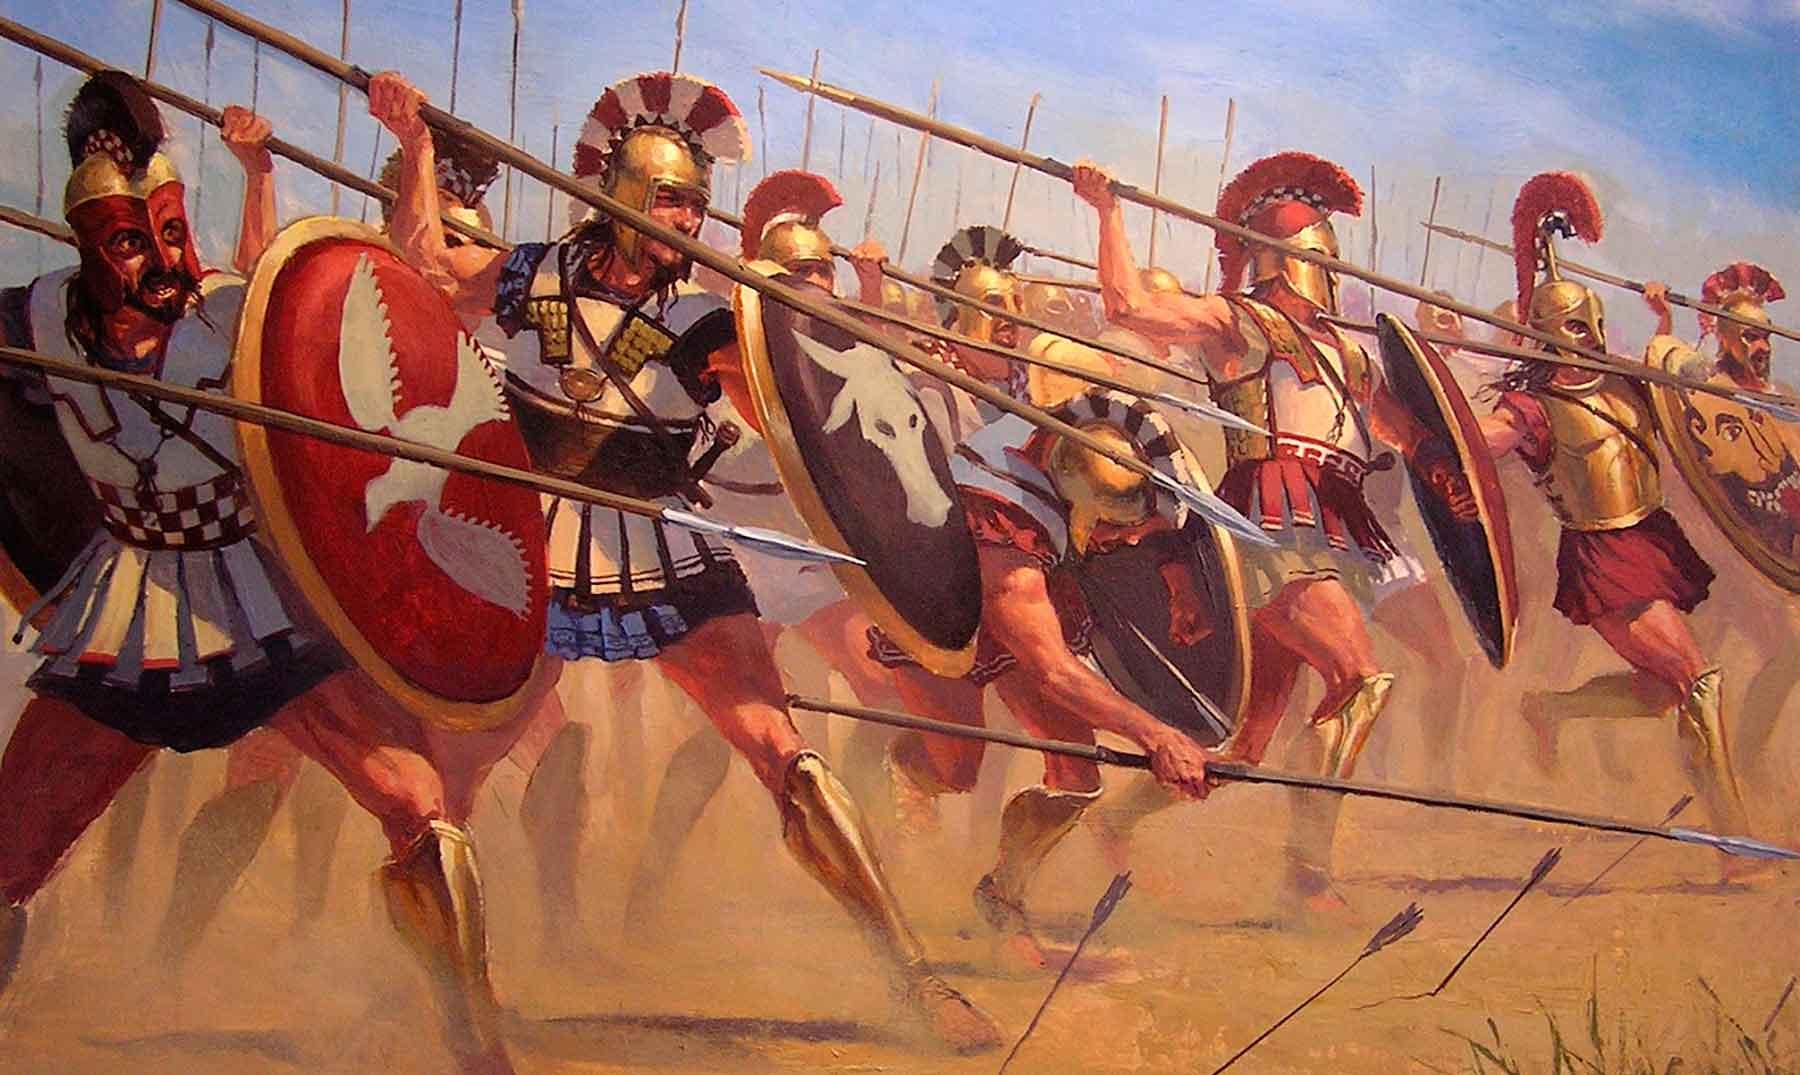 Grandes batallas de la historia: Batalla de Maratón